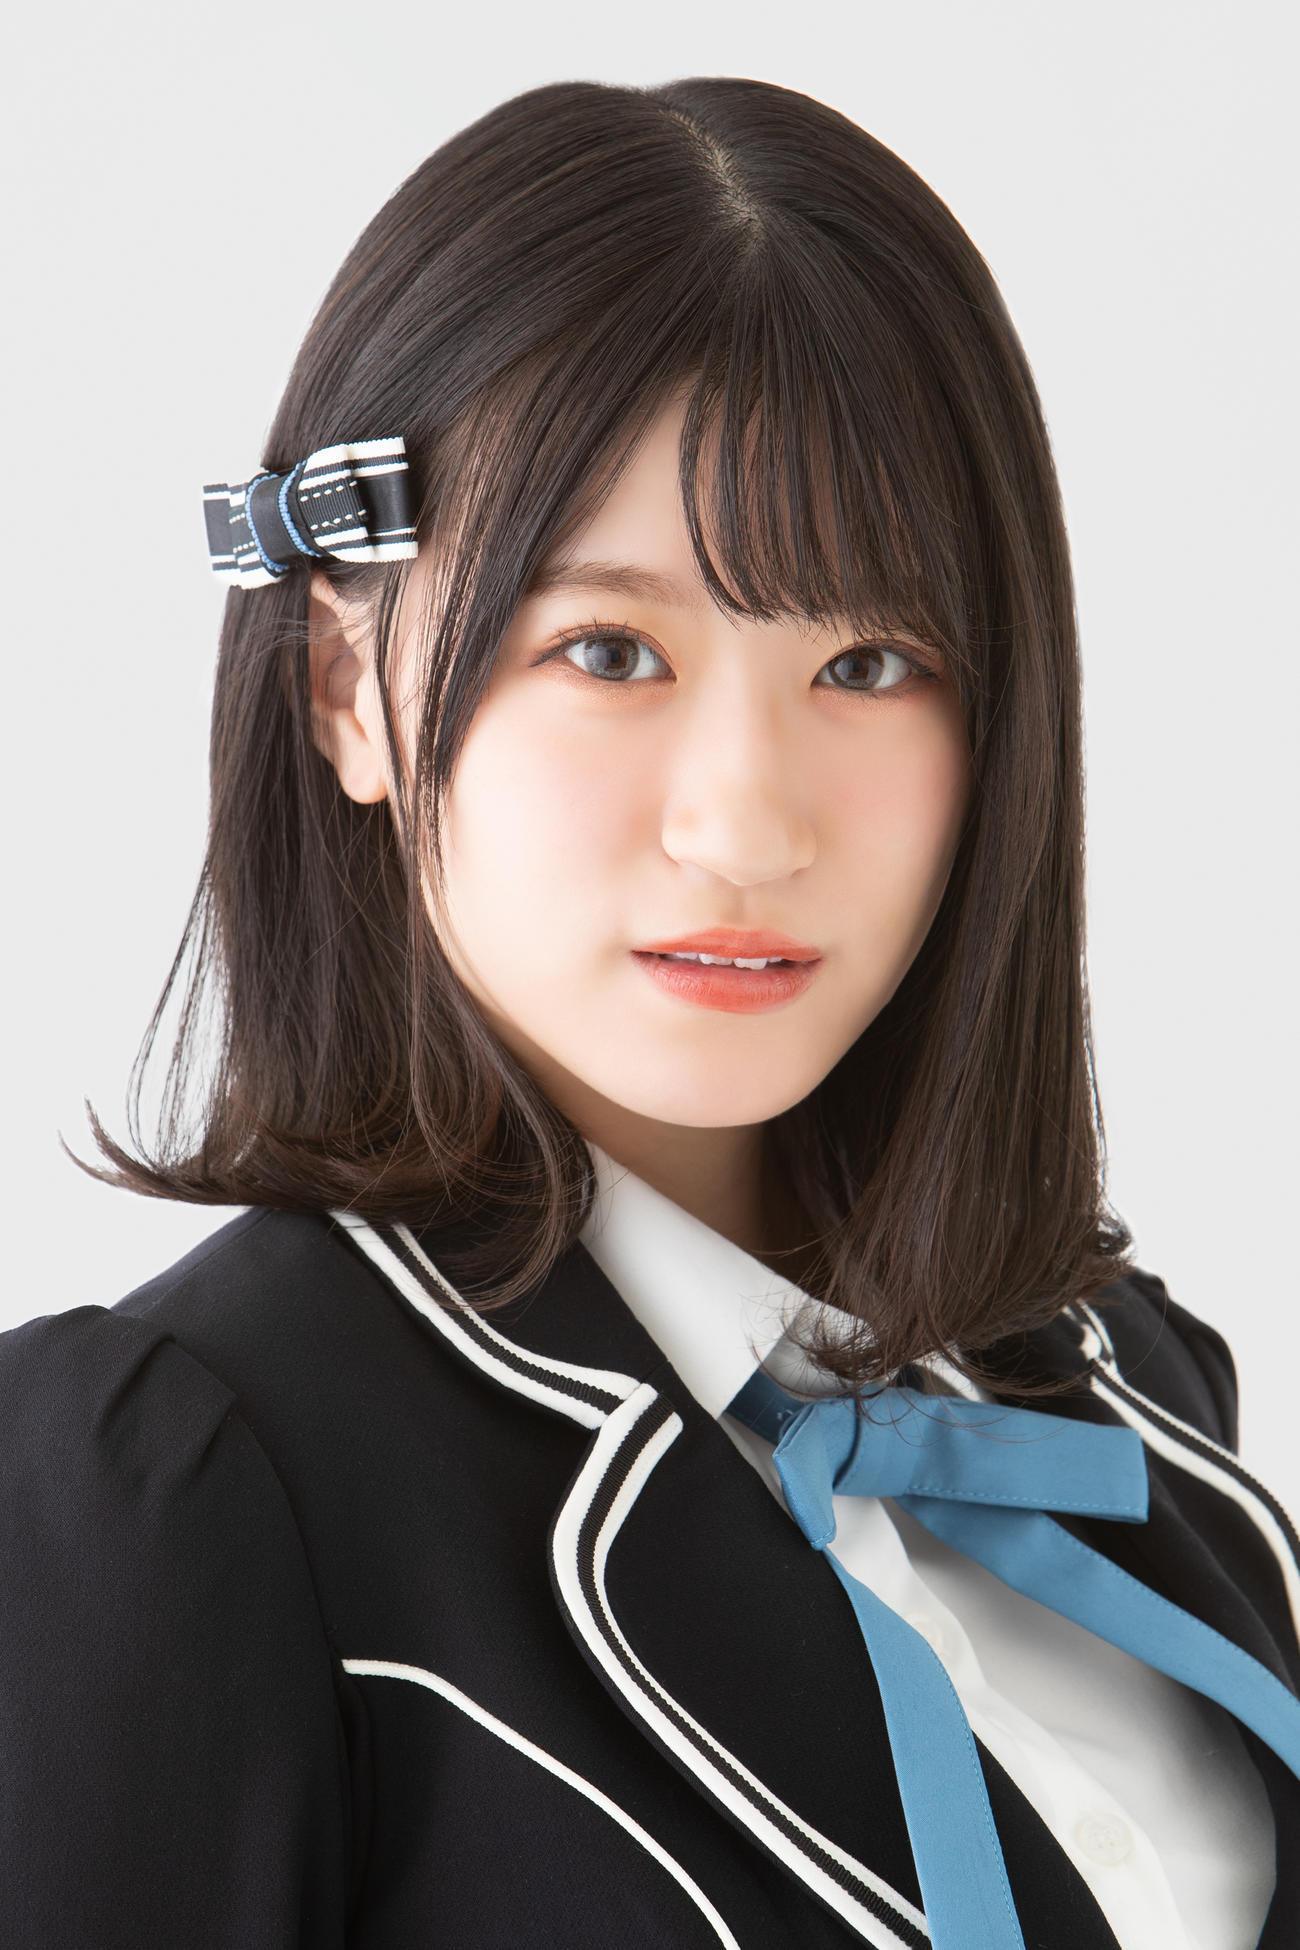 初写真集のメーキング映像発売が決まったNMB48の上西怜(C)NMB48